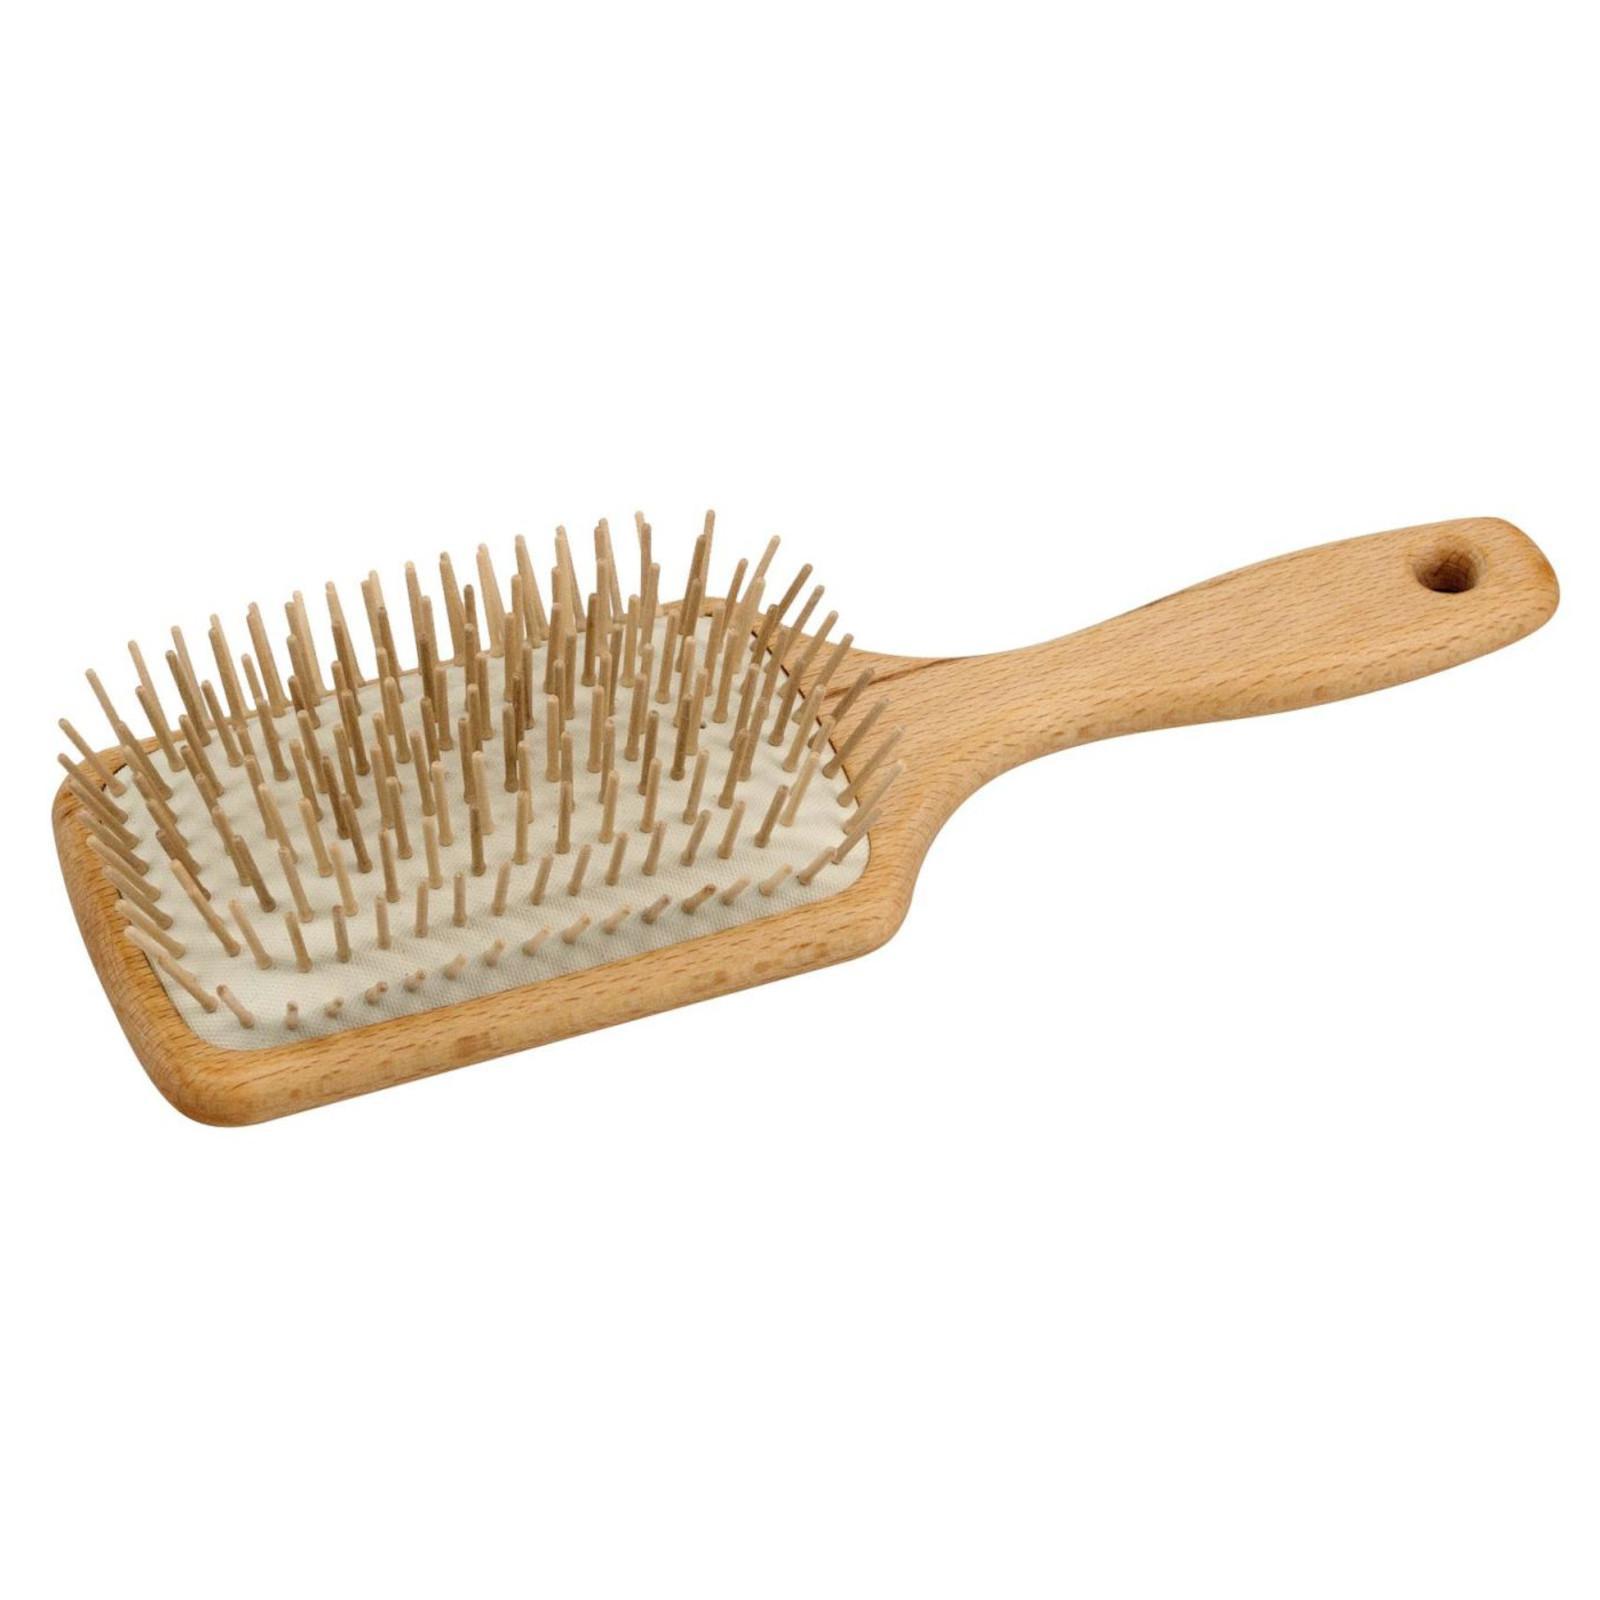 Redecker Bukový kartáč na husté vlasy 24,5 cm